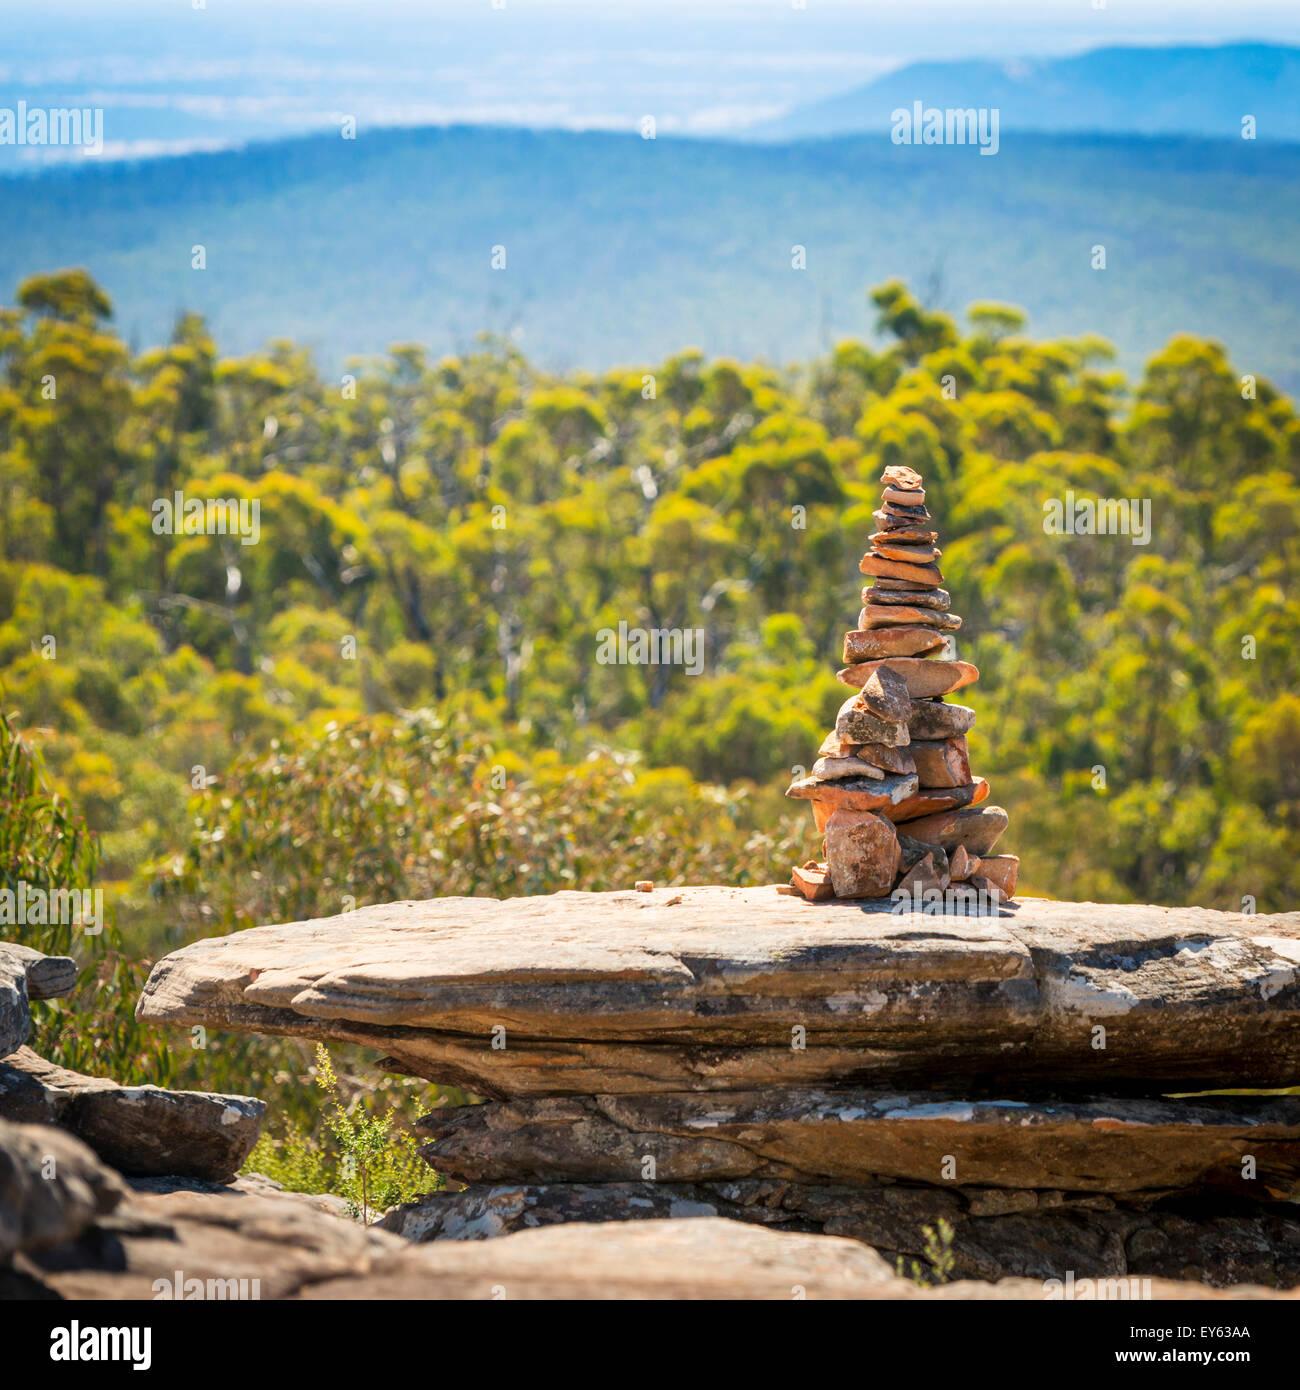 Stapel von Steinen in perfekter Balance im flachen Fokus mit natürlichen Hintergrund Stockbild